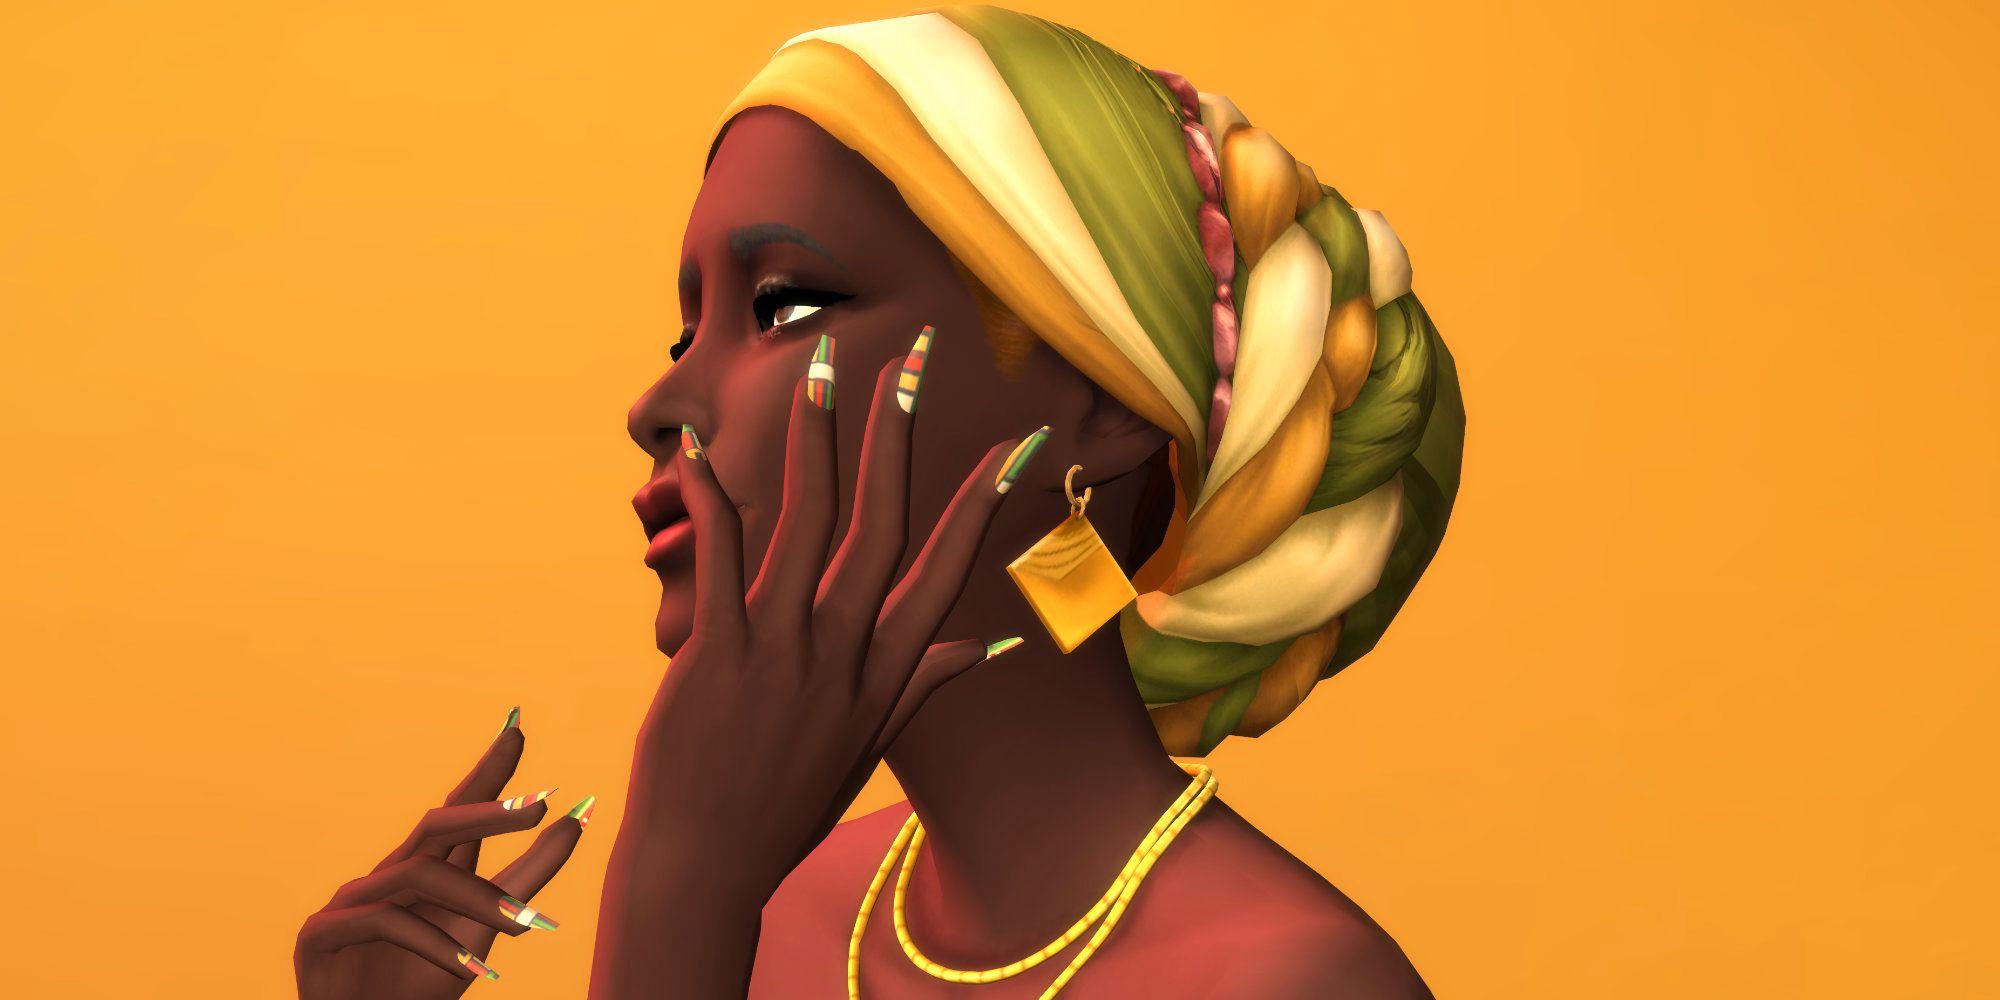 Sims 4: Guía de manicuras y pedicuras